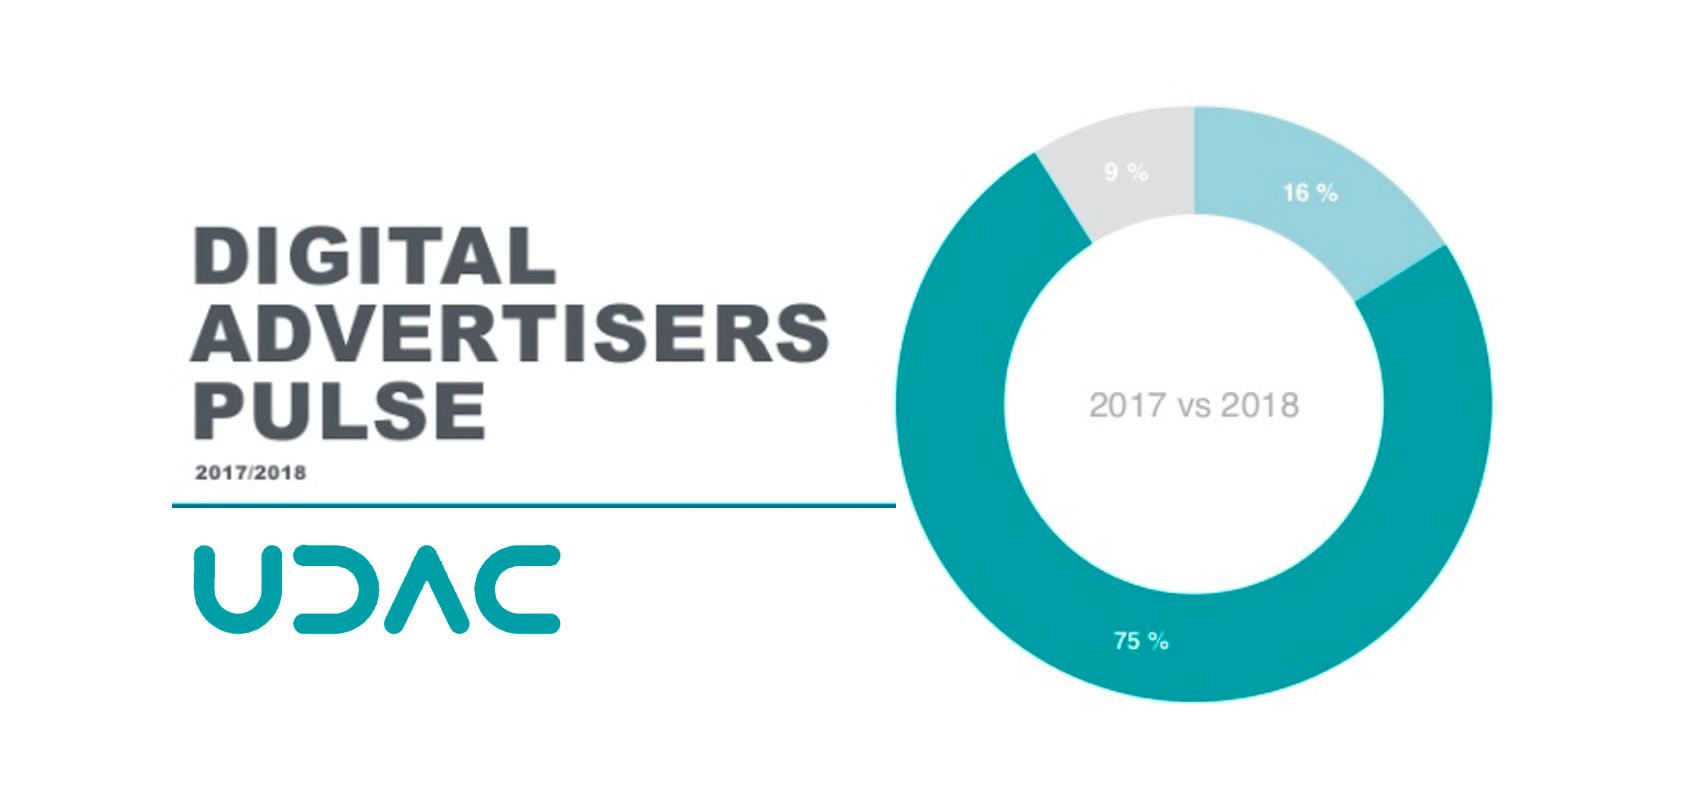 75% украинских рекламодателей увеличат бюджеты на digital в 2018 году